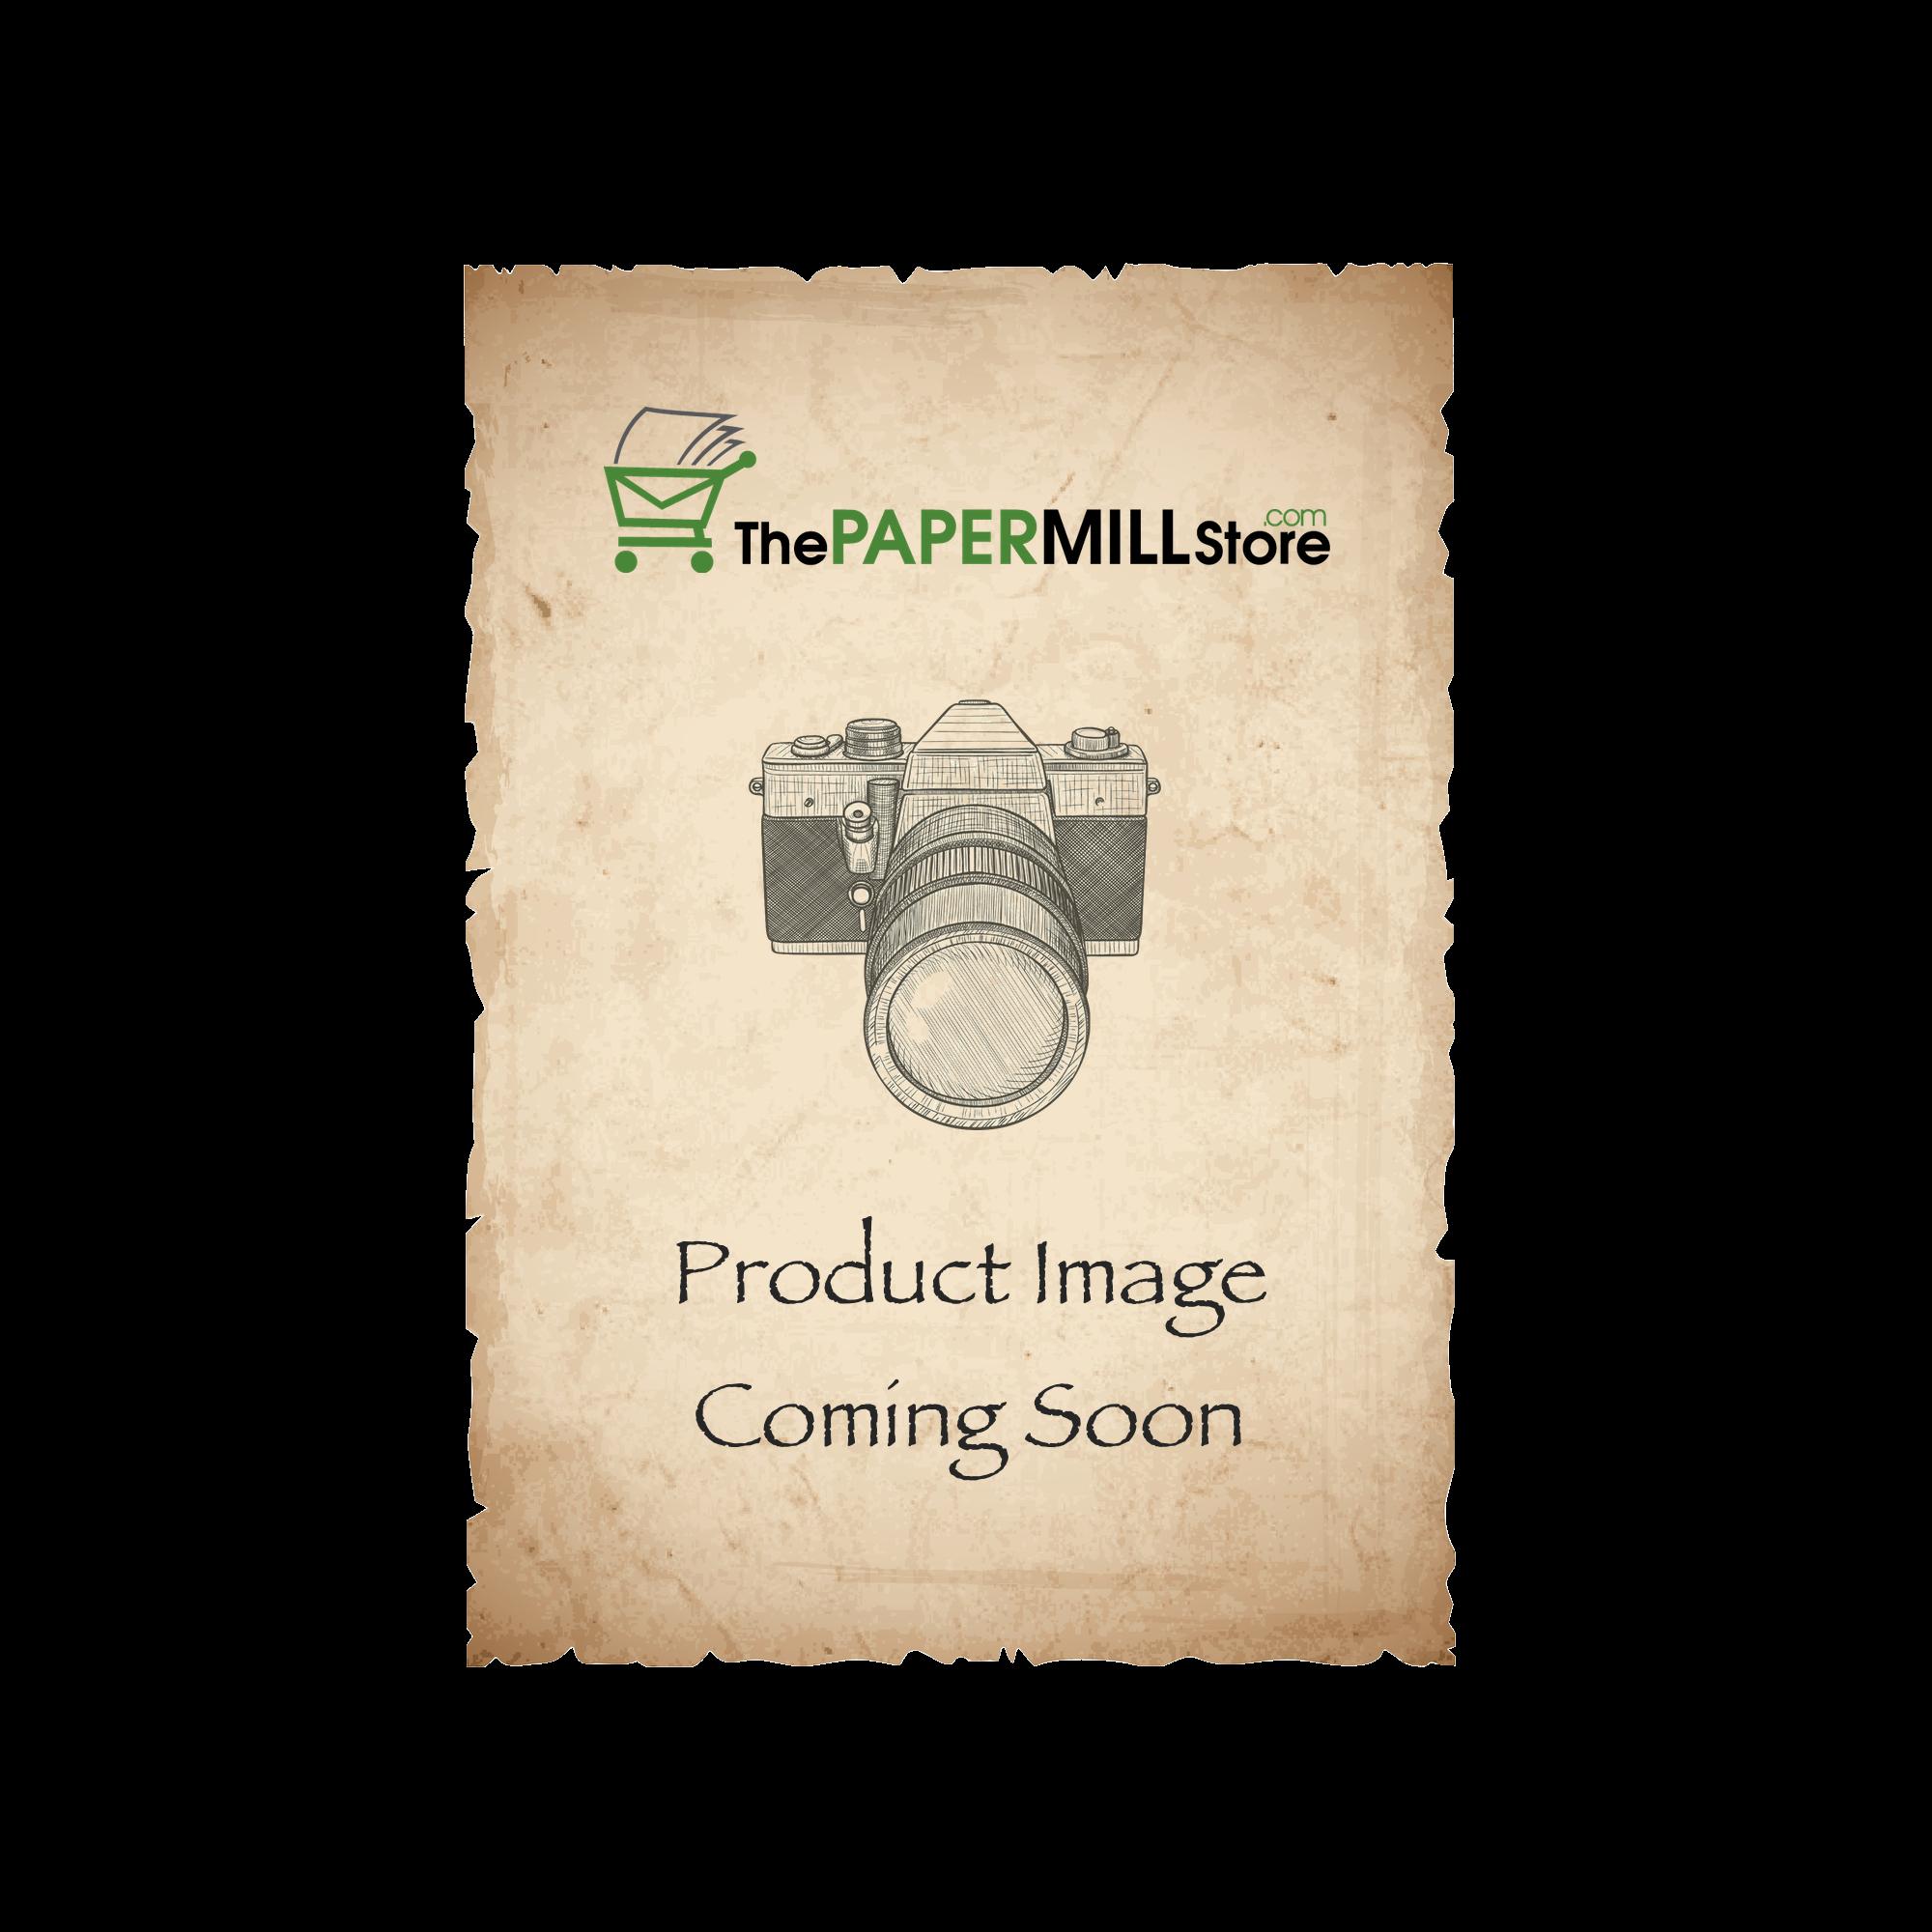 ASPIRE Petallics Autumn Hay Envelopes - No. 10 Square Flap (4 1/8 x 9 1/2) 80 lb Text Metallic C/2S  500 per Box